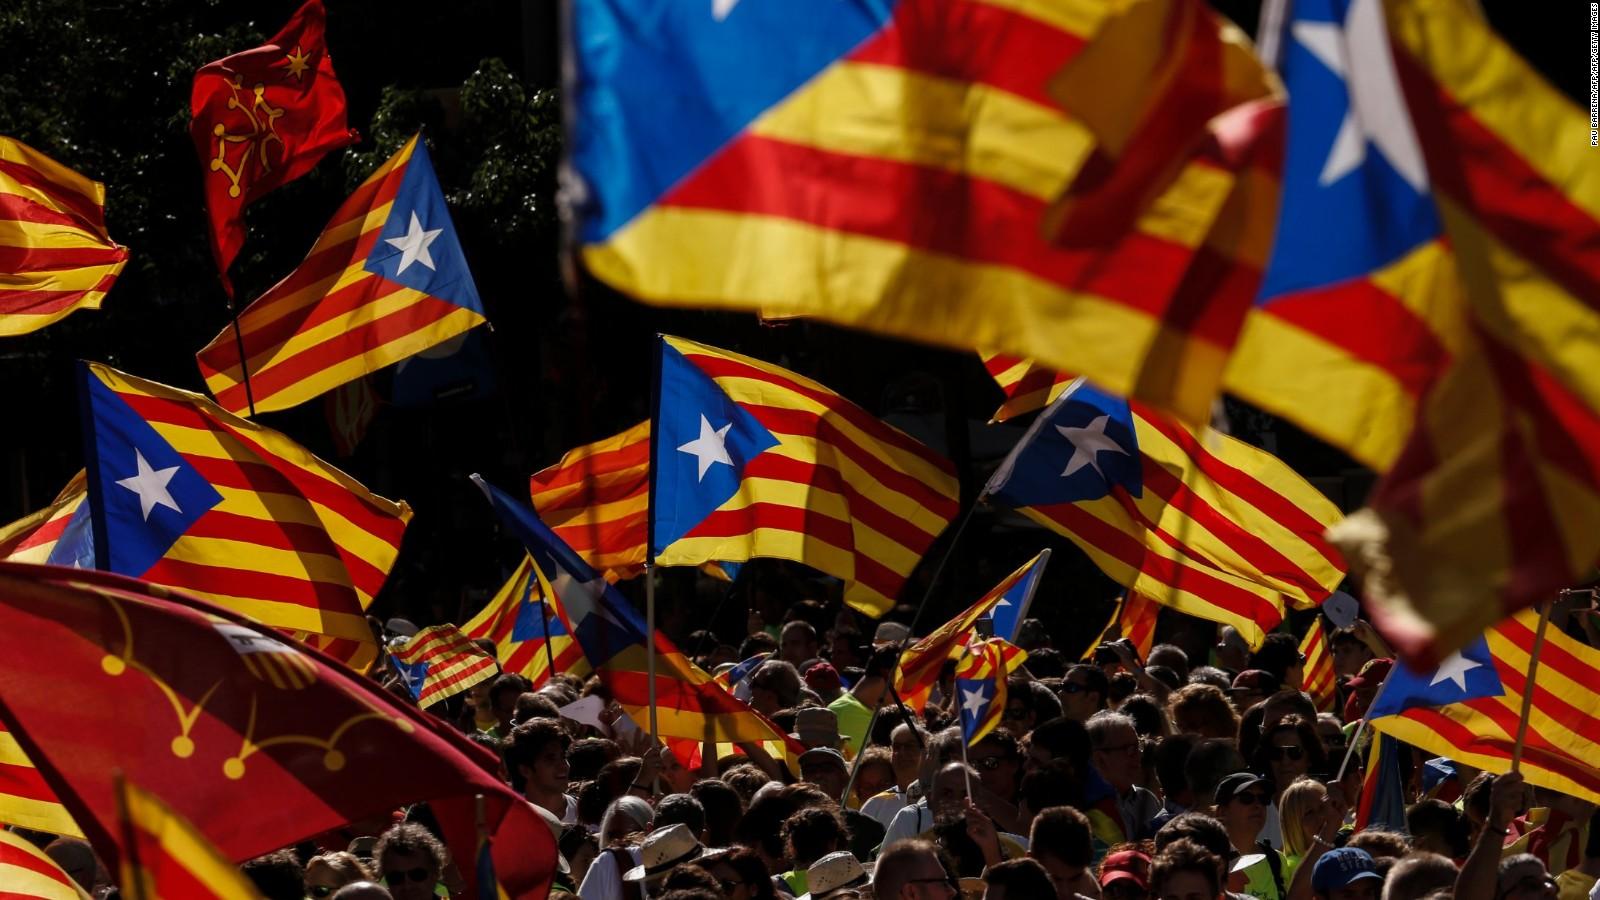 صورة استطلاع: توقع خسارة الأحزاب المطالبة باستقلال كتالونيا لأغلبيتها البرلمانية